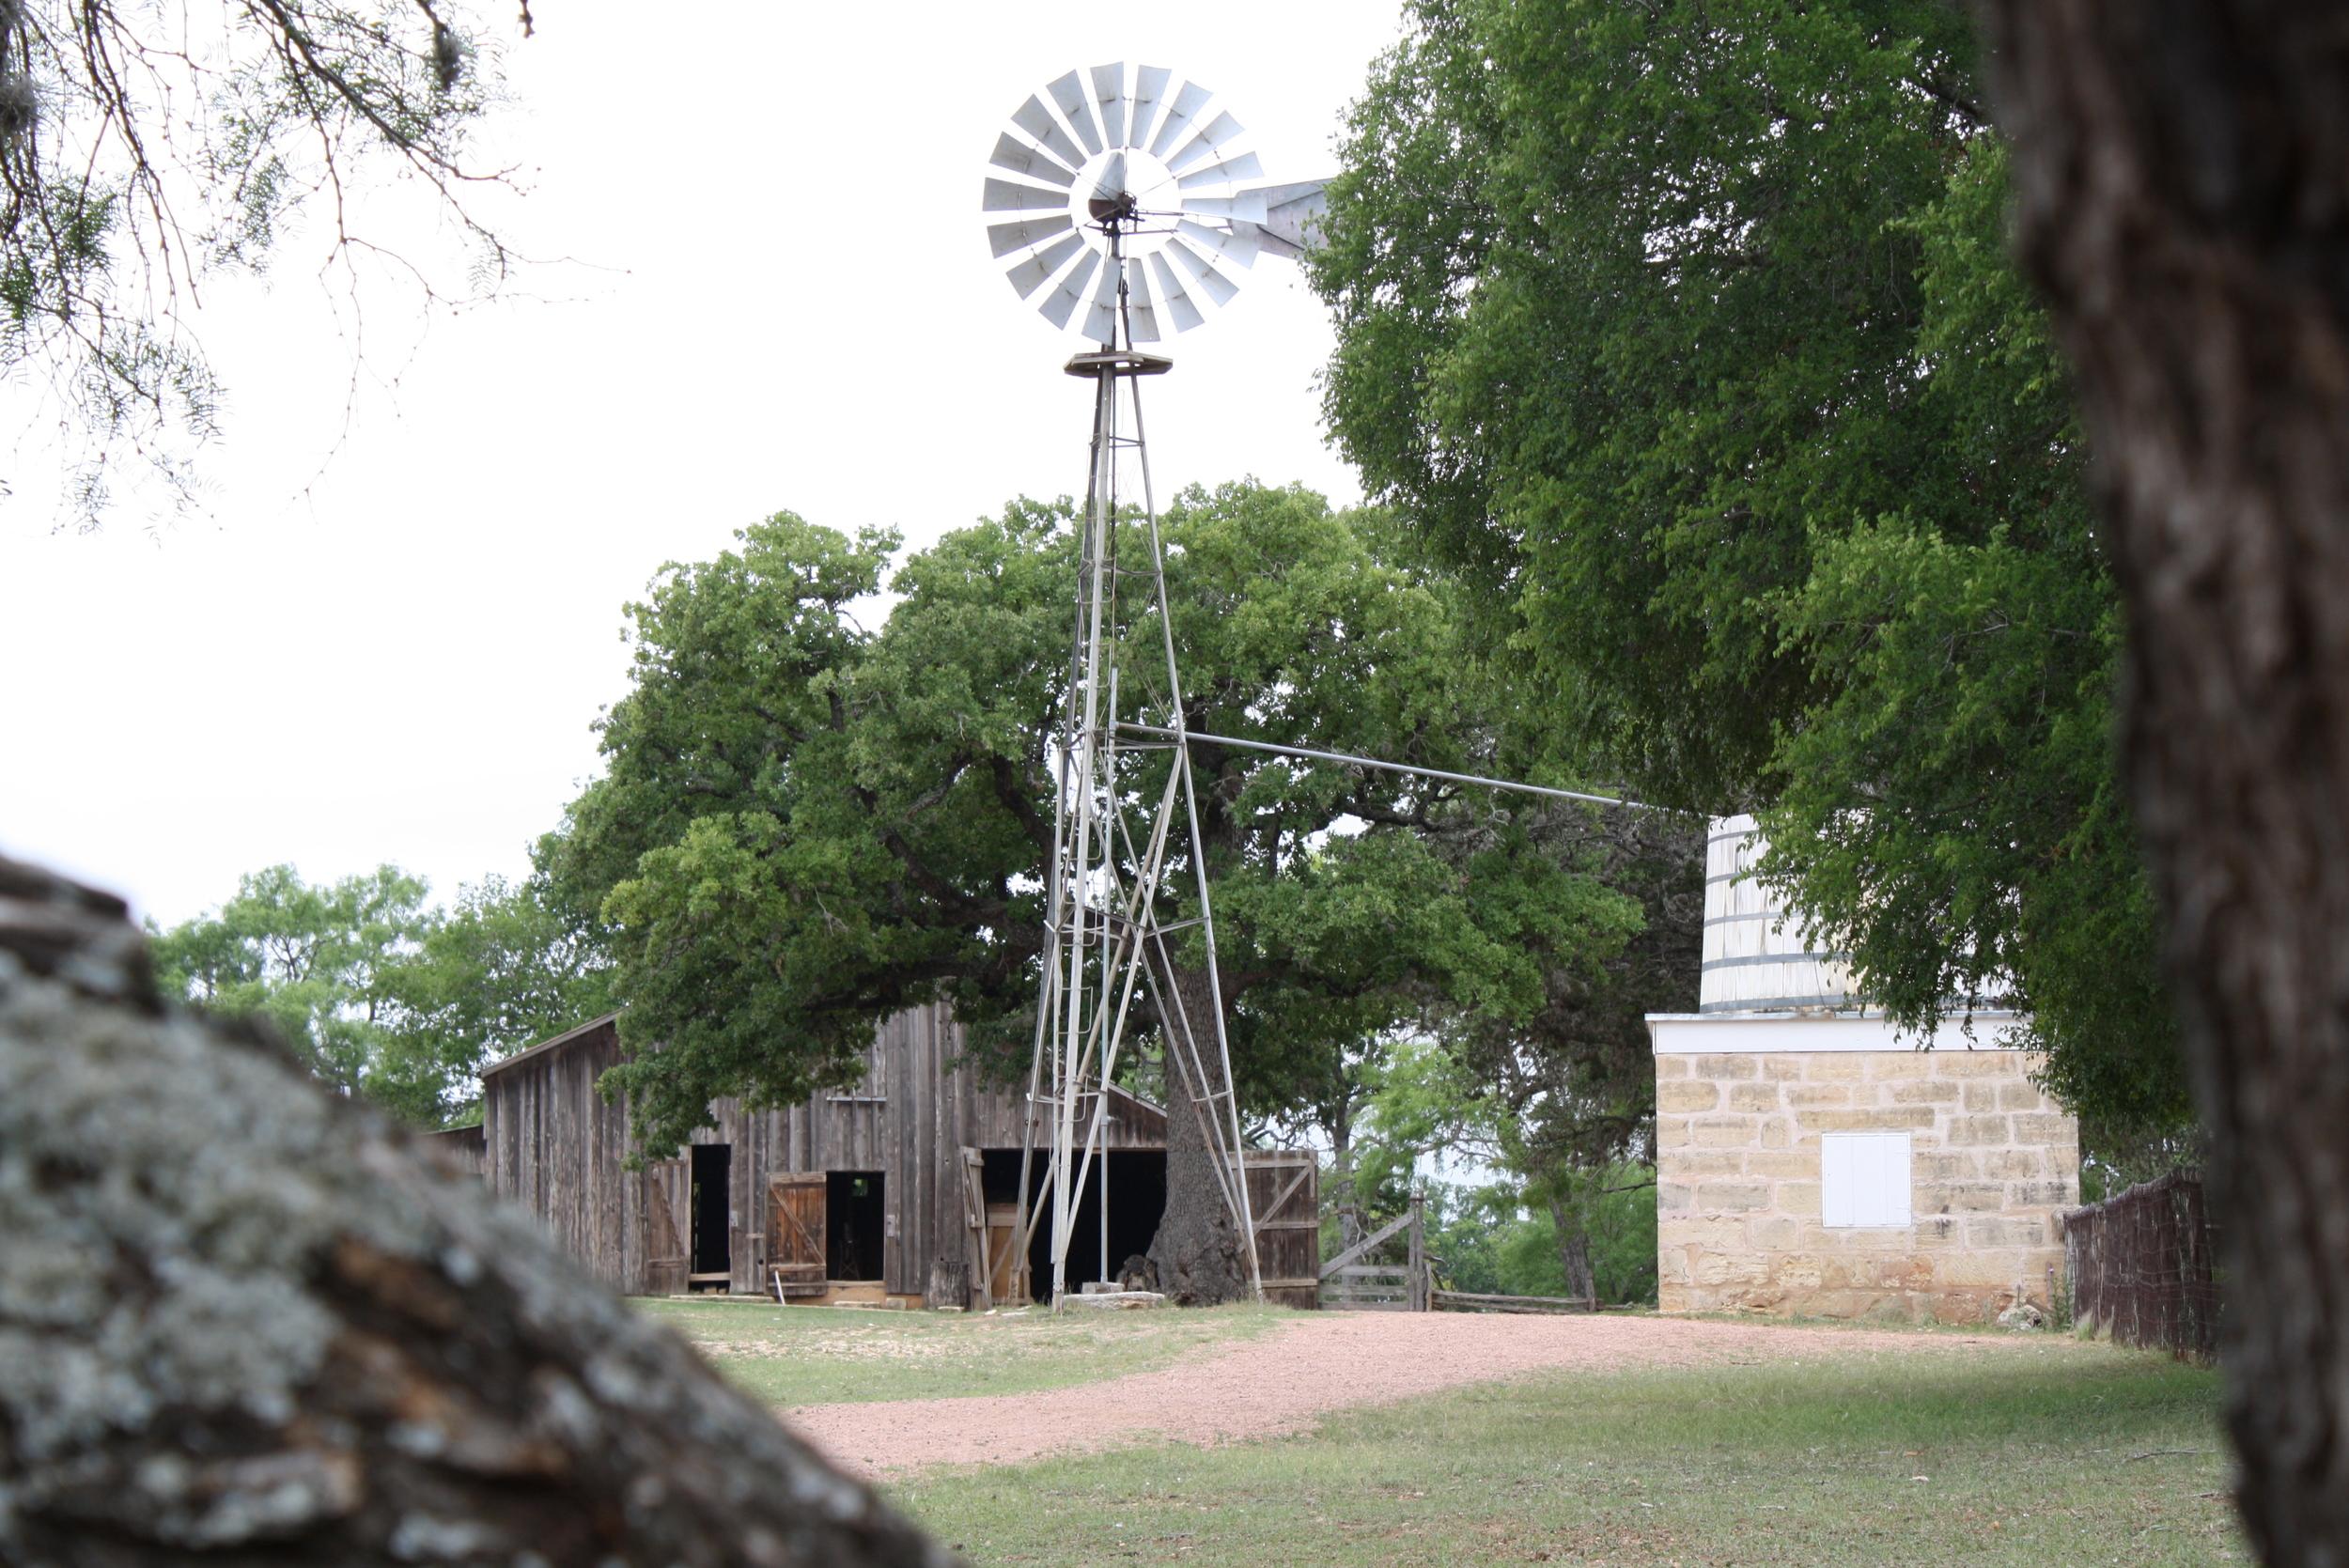 The farm's windmill